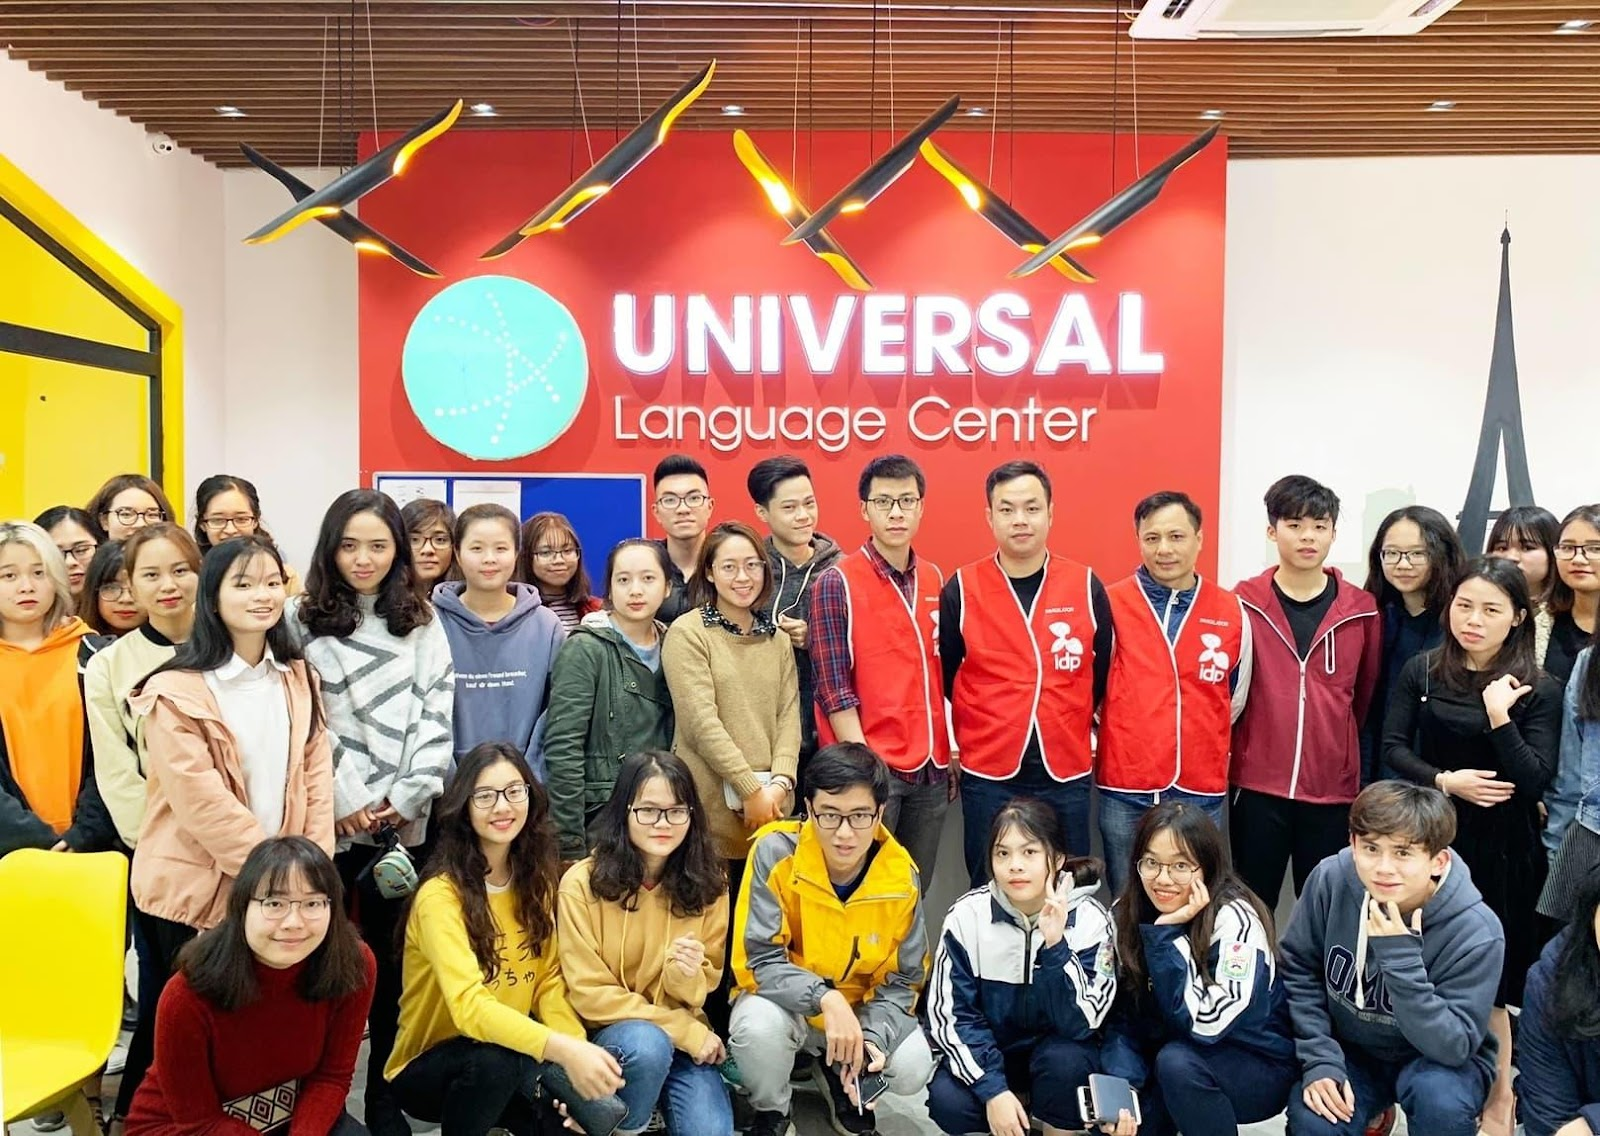 Cảm hứng học tiếng Anh từ phong cách Châu Âu của Universal - Ảnh 1